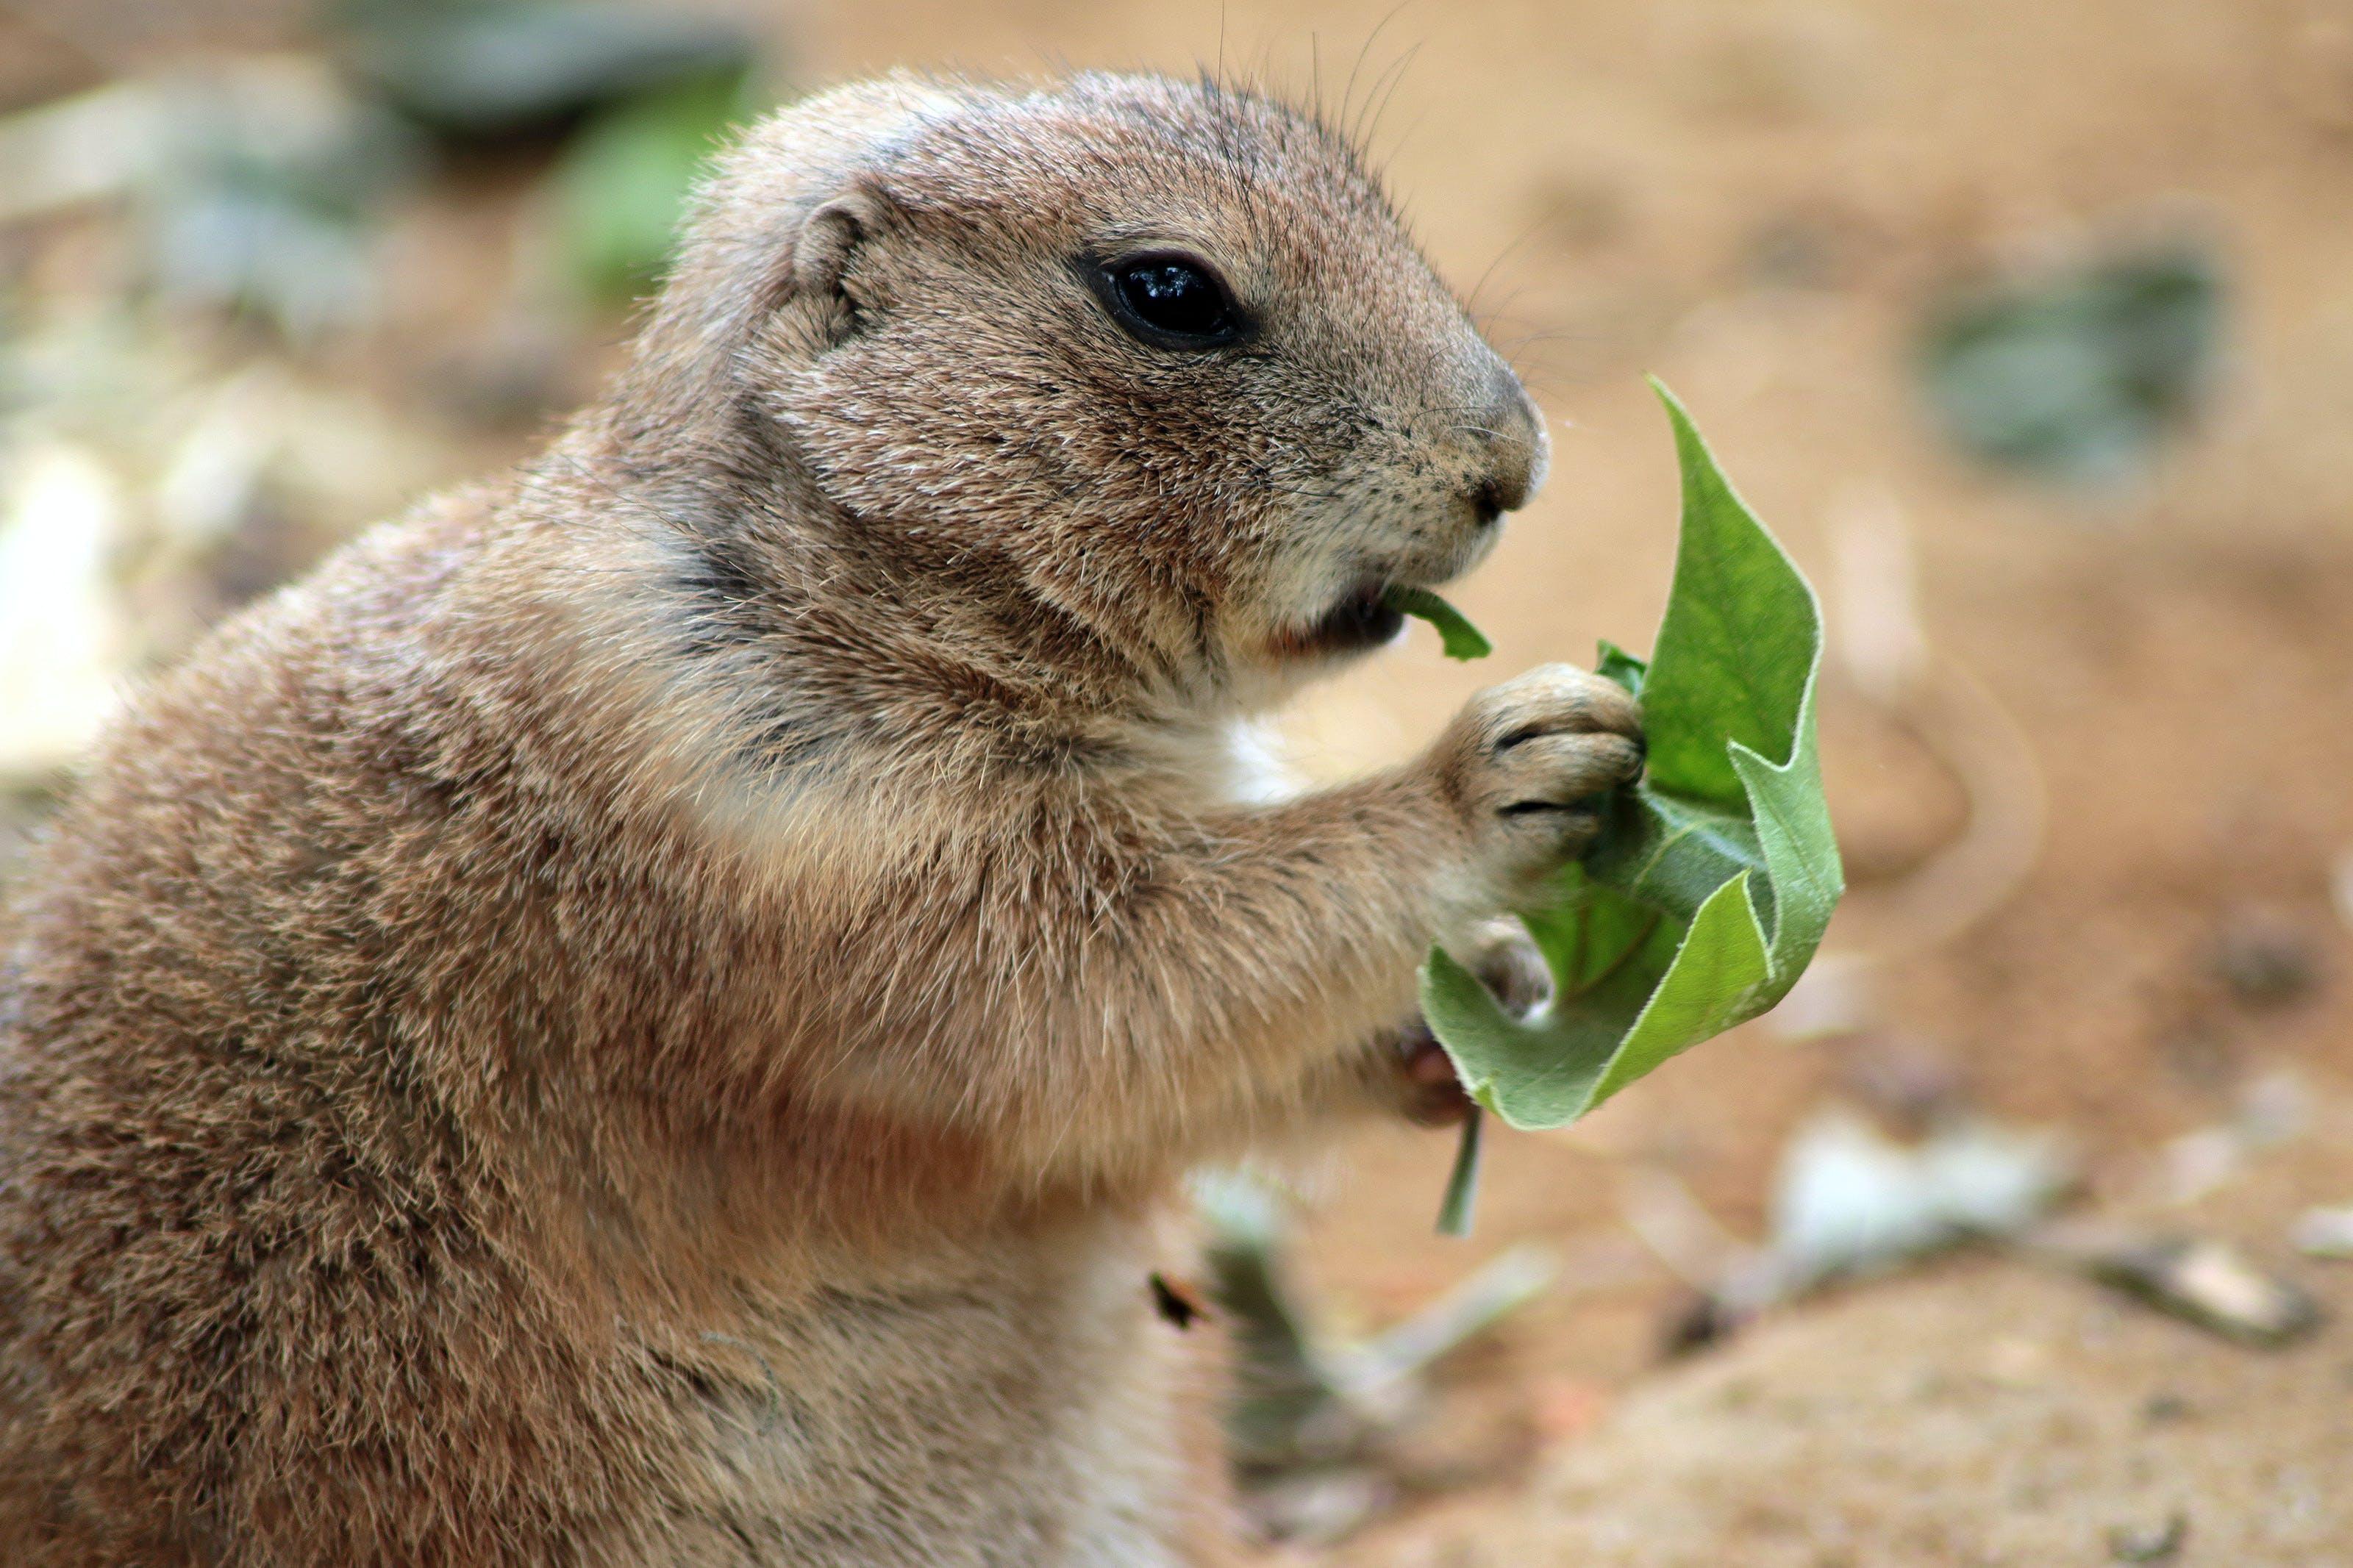 Kostenloses Stock Foto zu blatt, eichhörnchen, essen, fokus